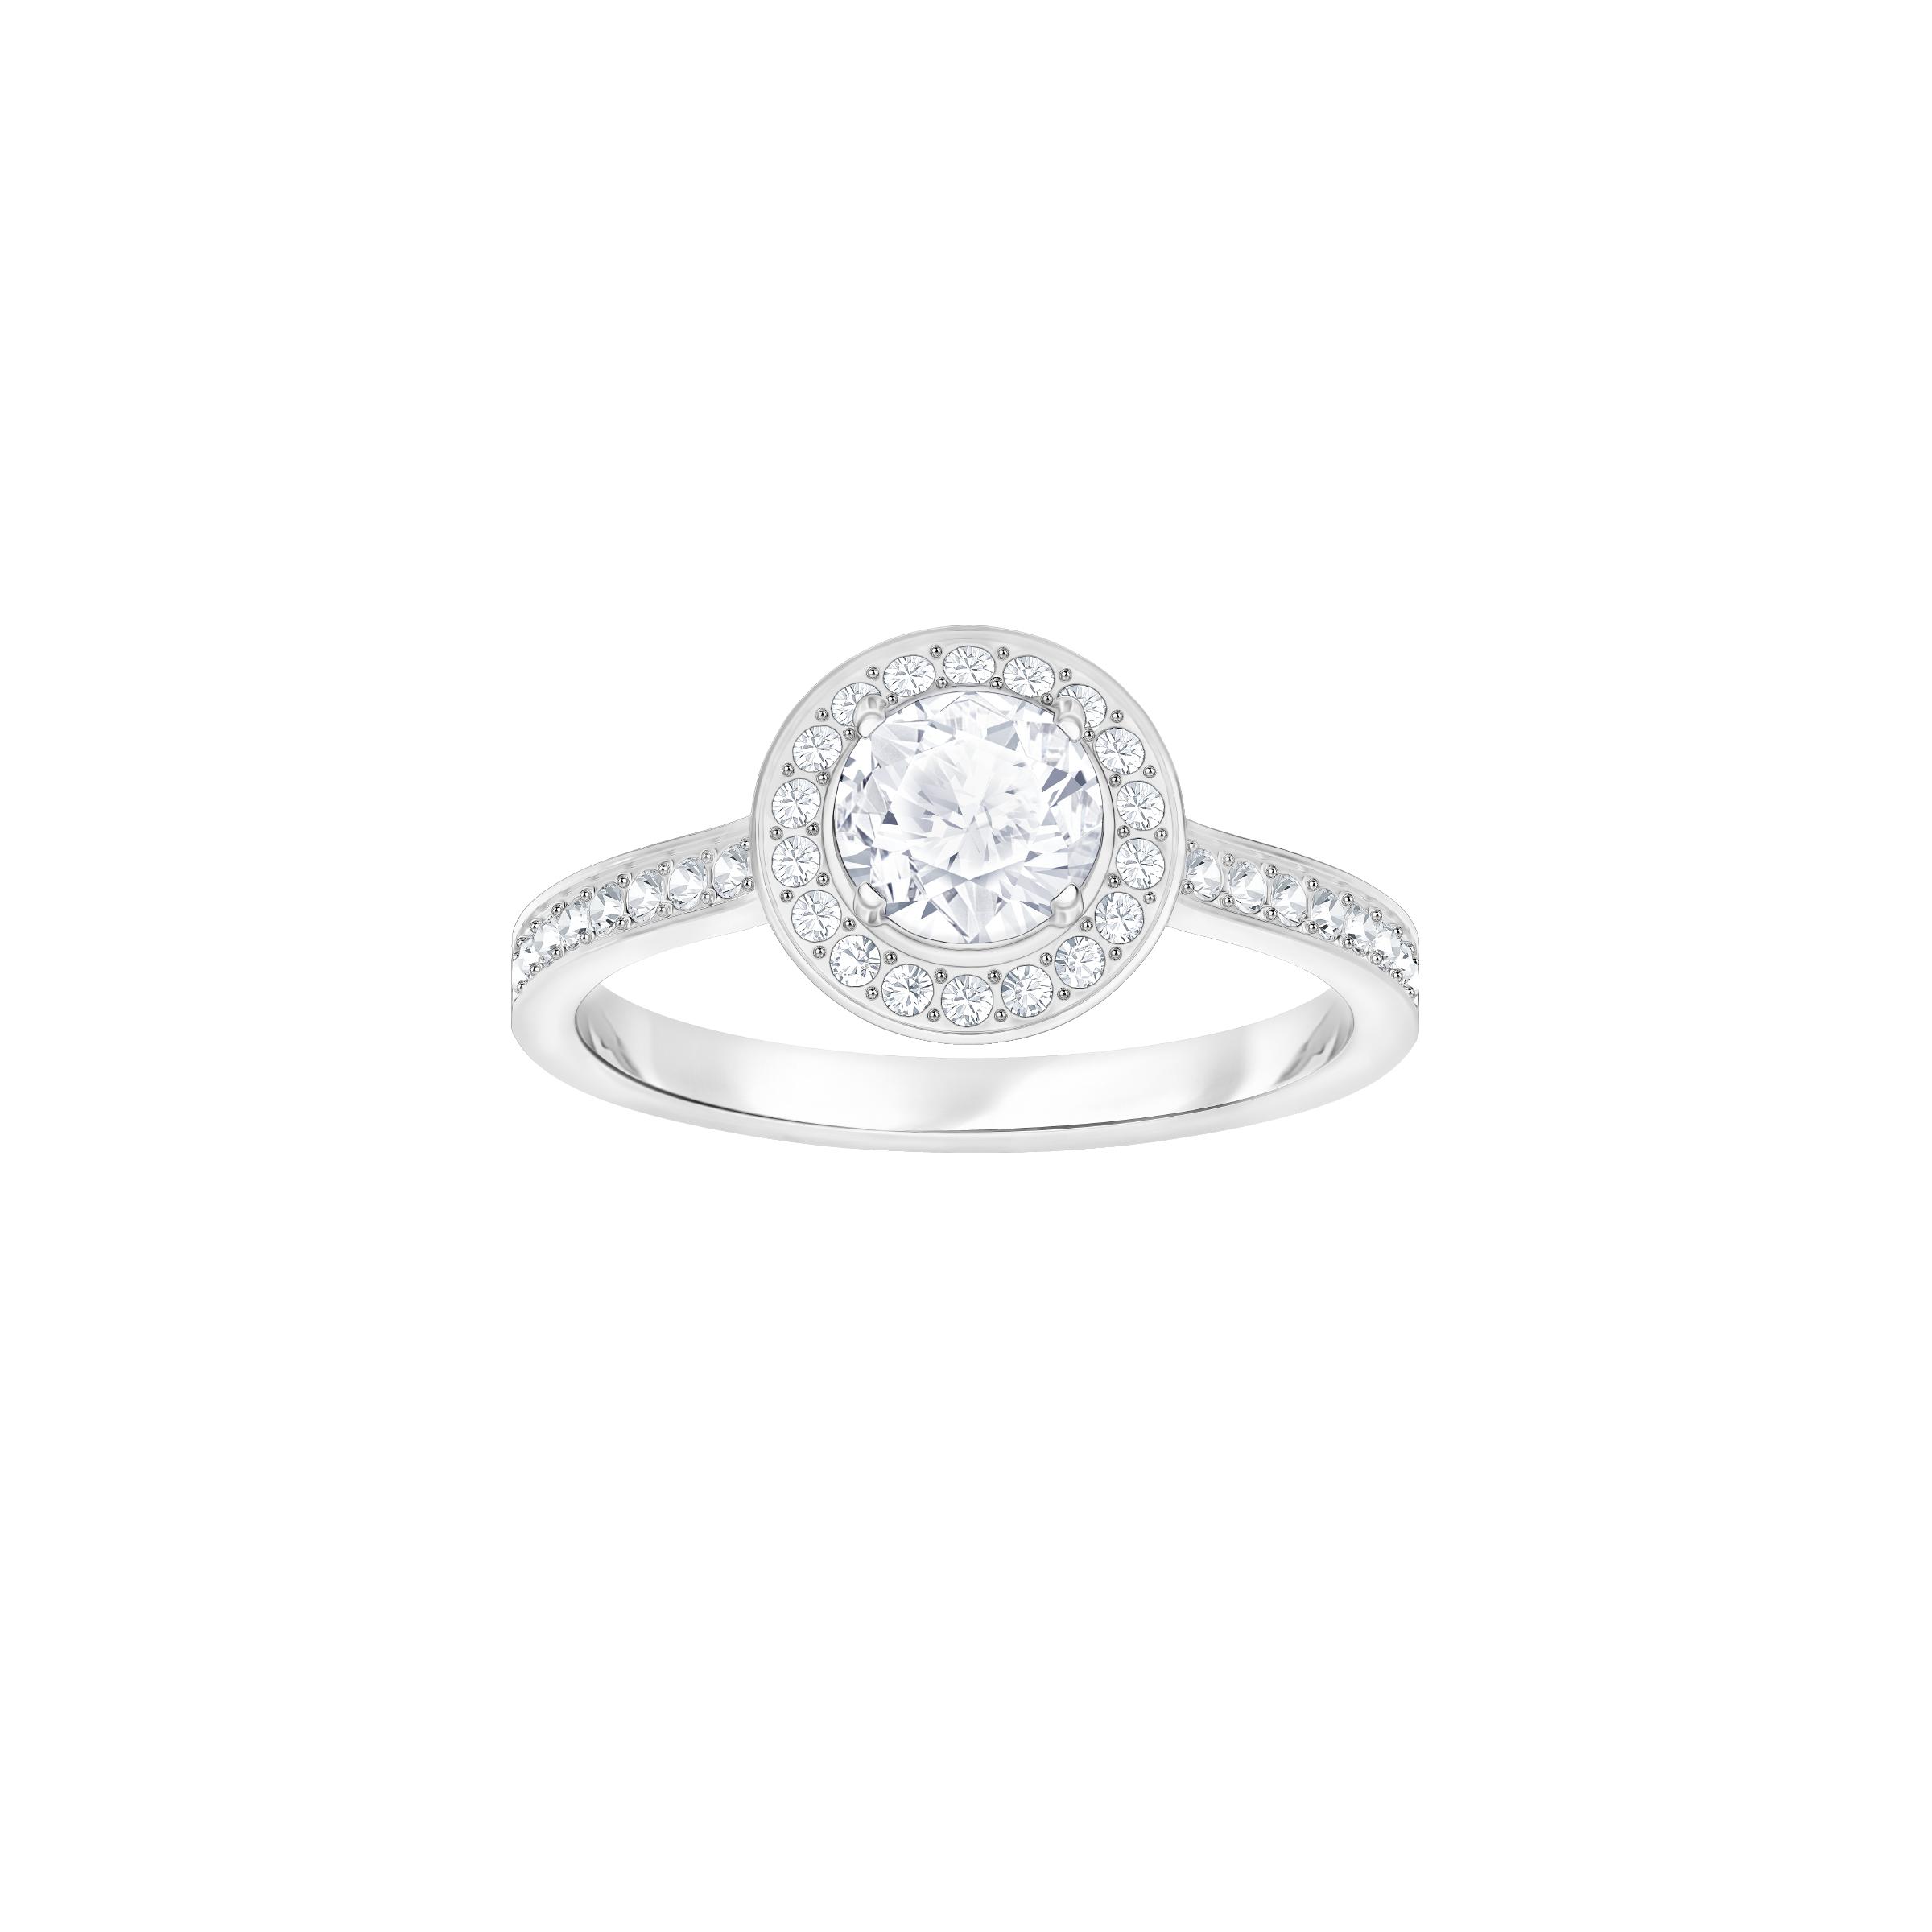 Attract Light Round Ring, White, Rhodium Plating